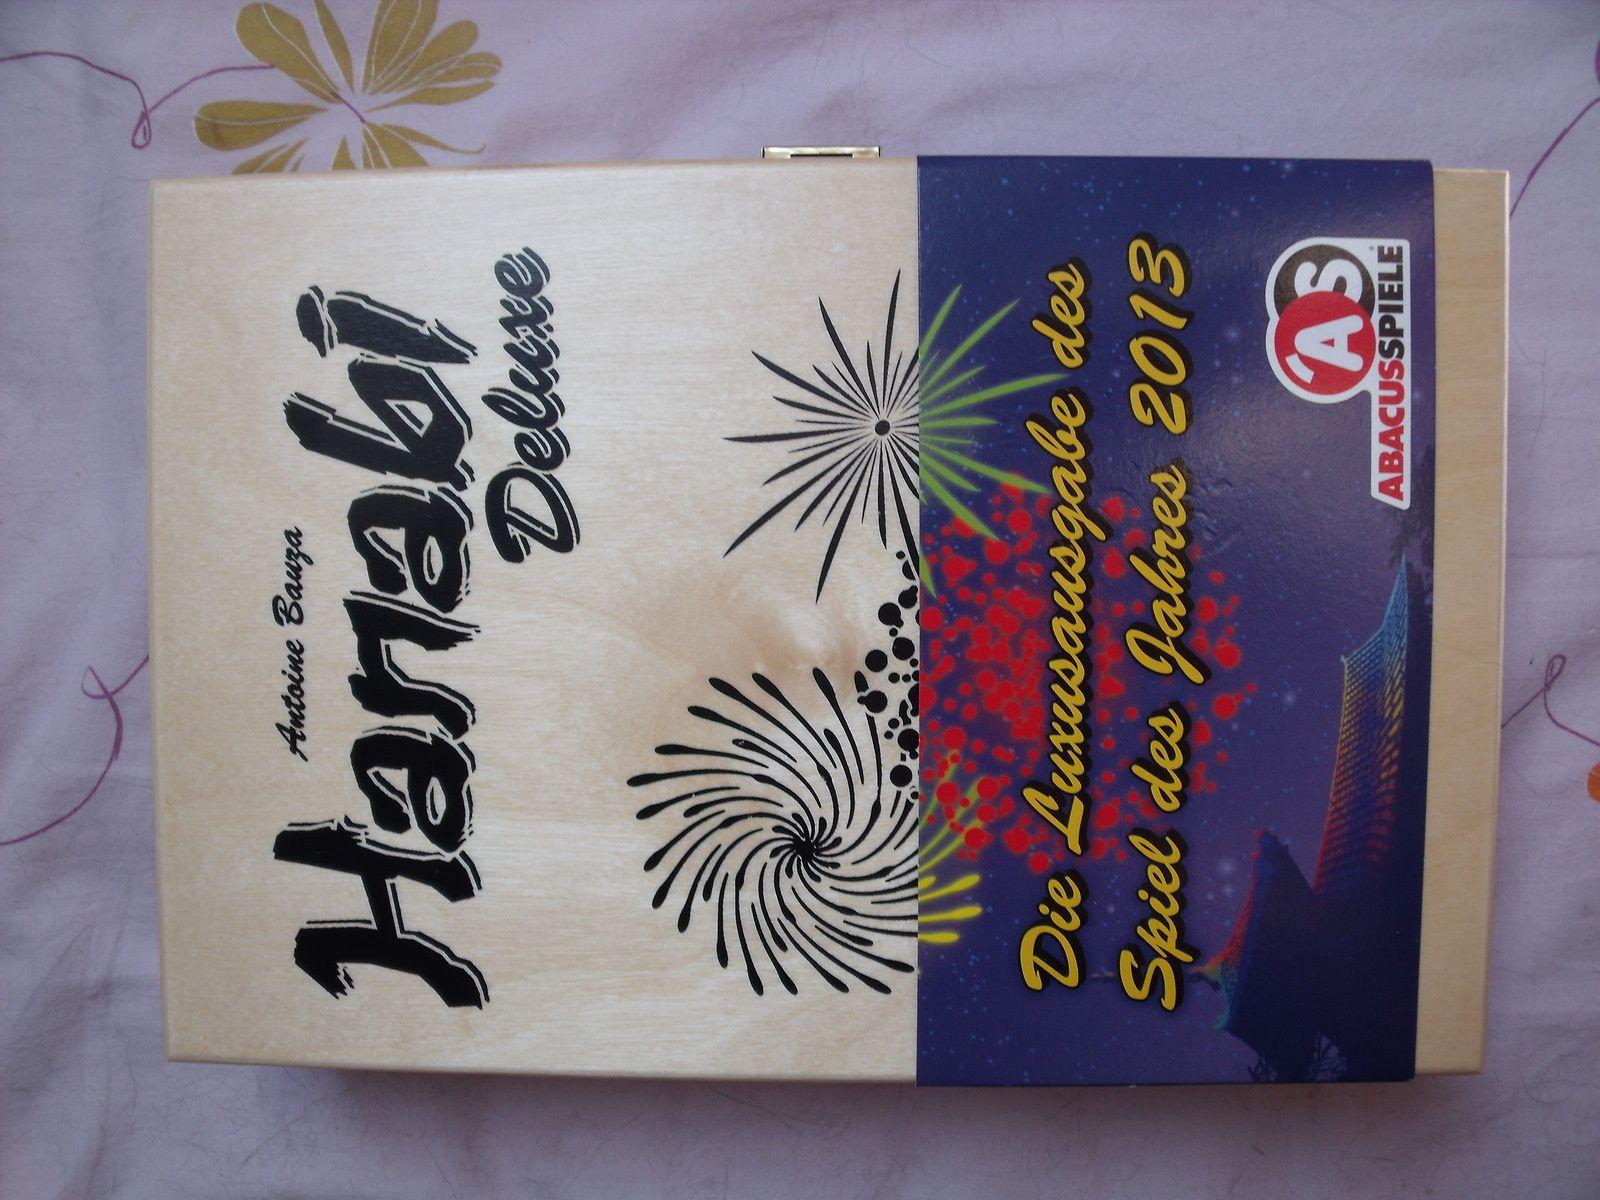 """Pour profiter d'un bon d'achat, je me suis payé la version Deluxe du jeu """"Hanabi"""", avec les tuiles en bakélite qui remplacent les cartes..."""